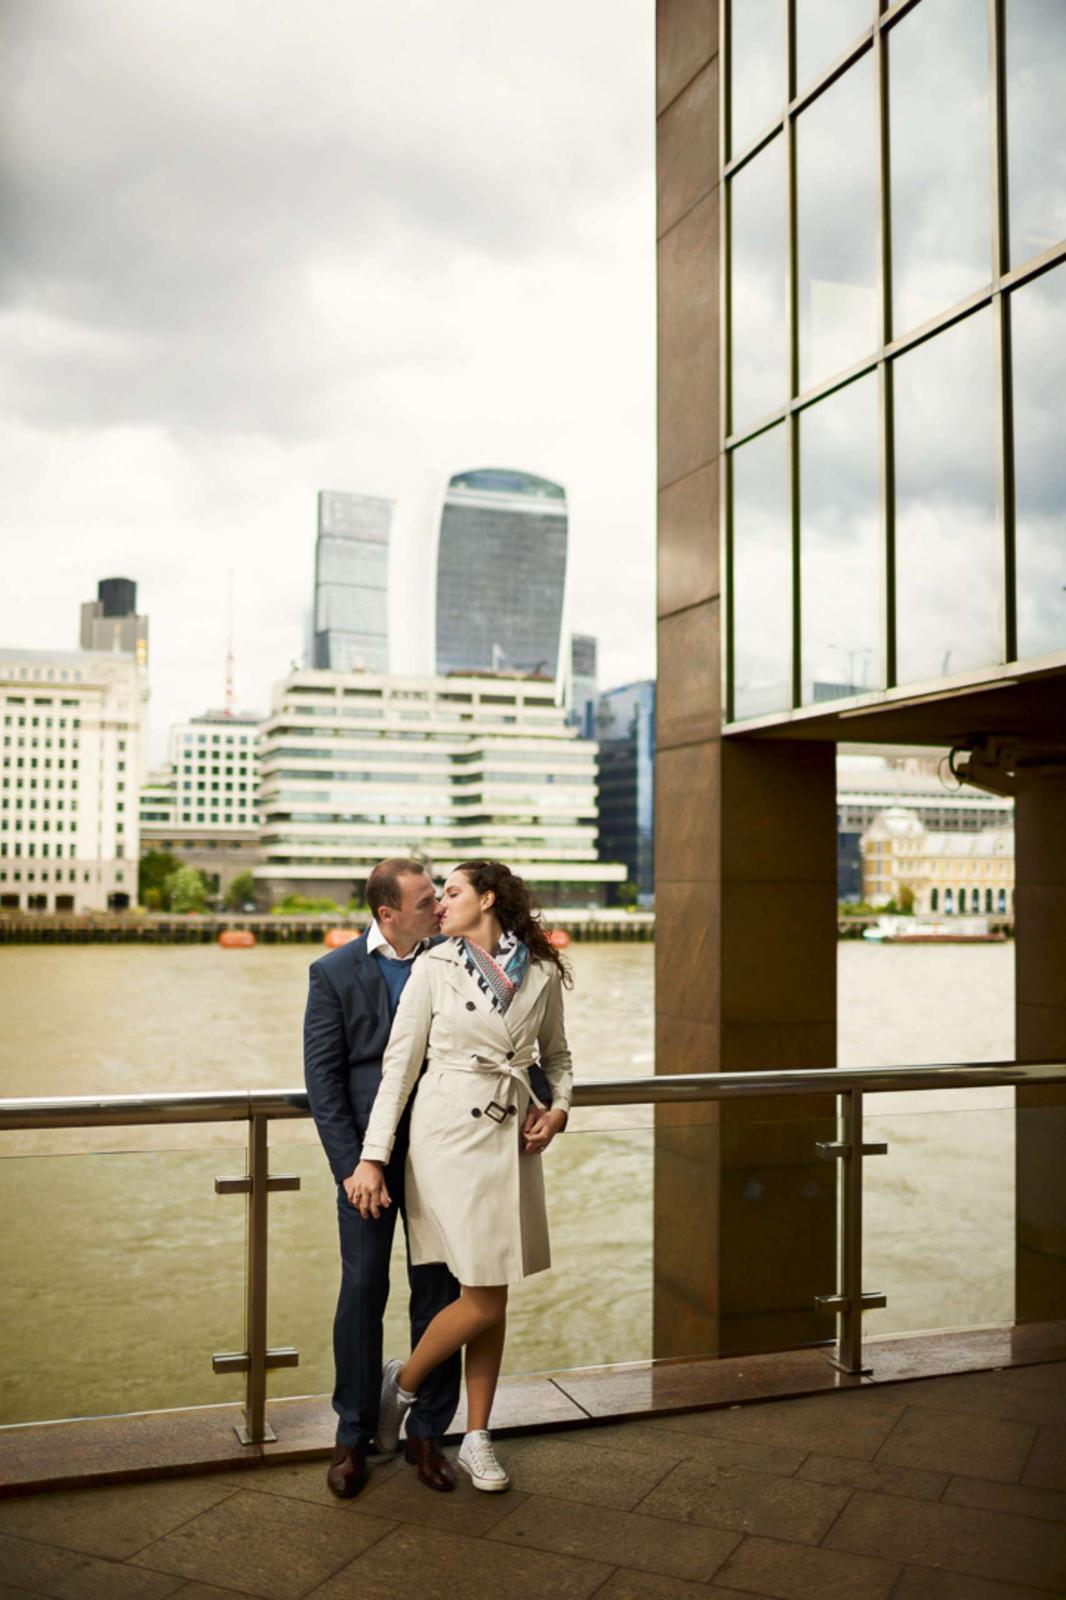 I 💜 London- nase mladomanzelske rande 💜 - Obrázok č. 14